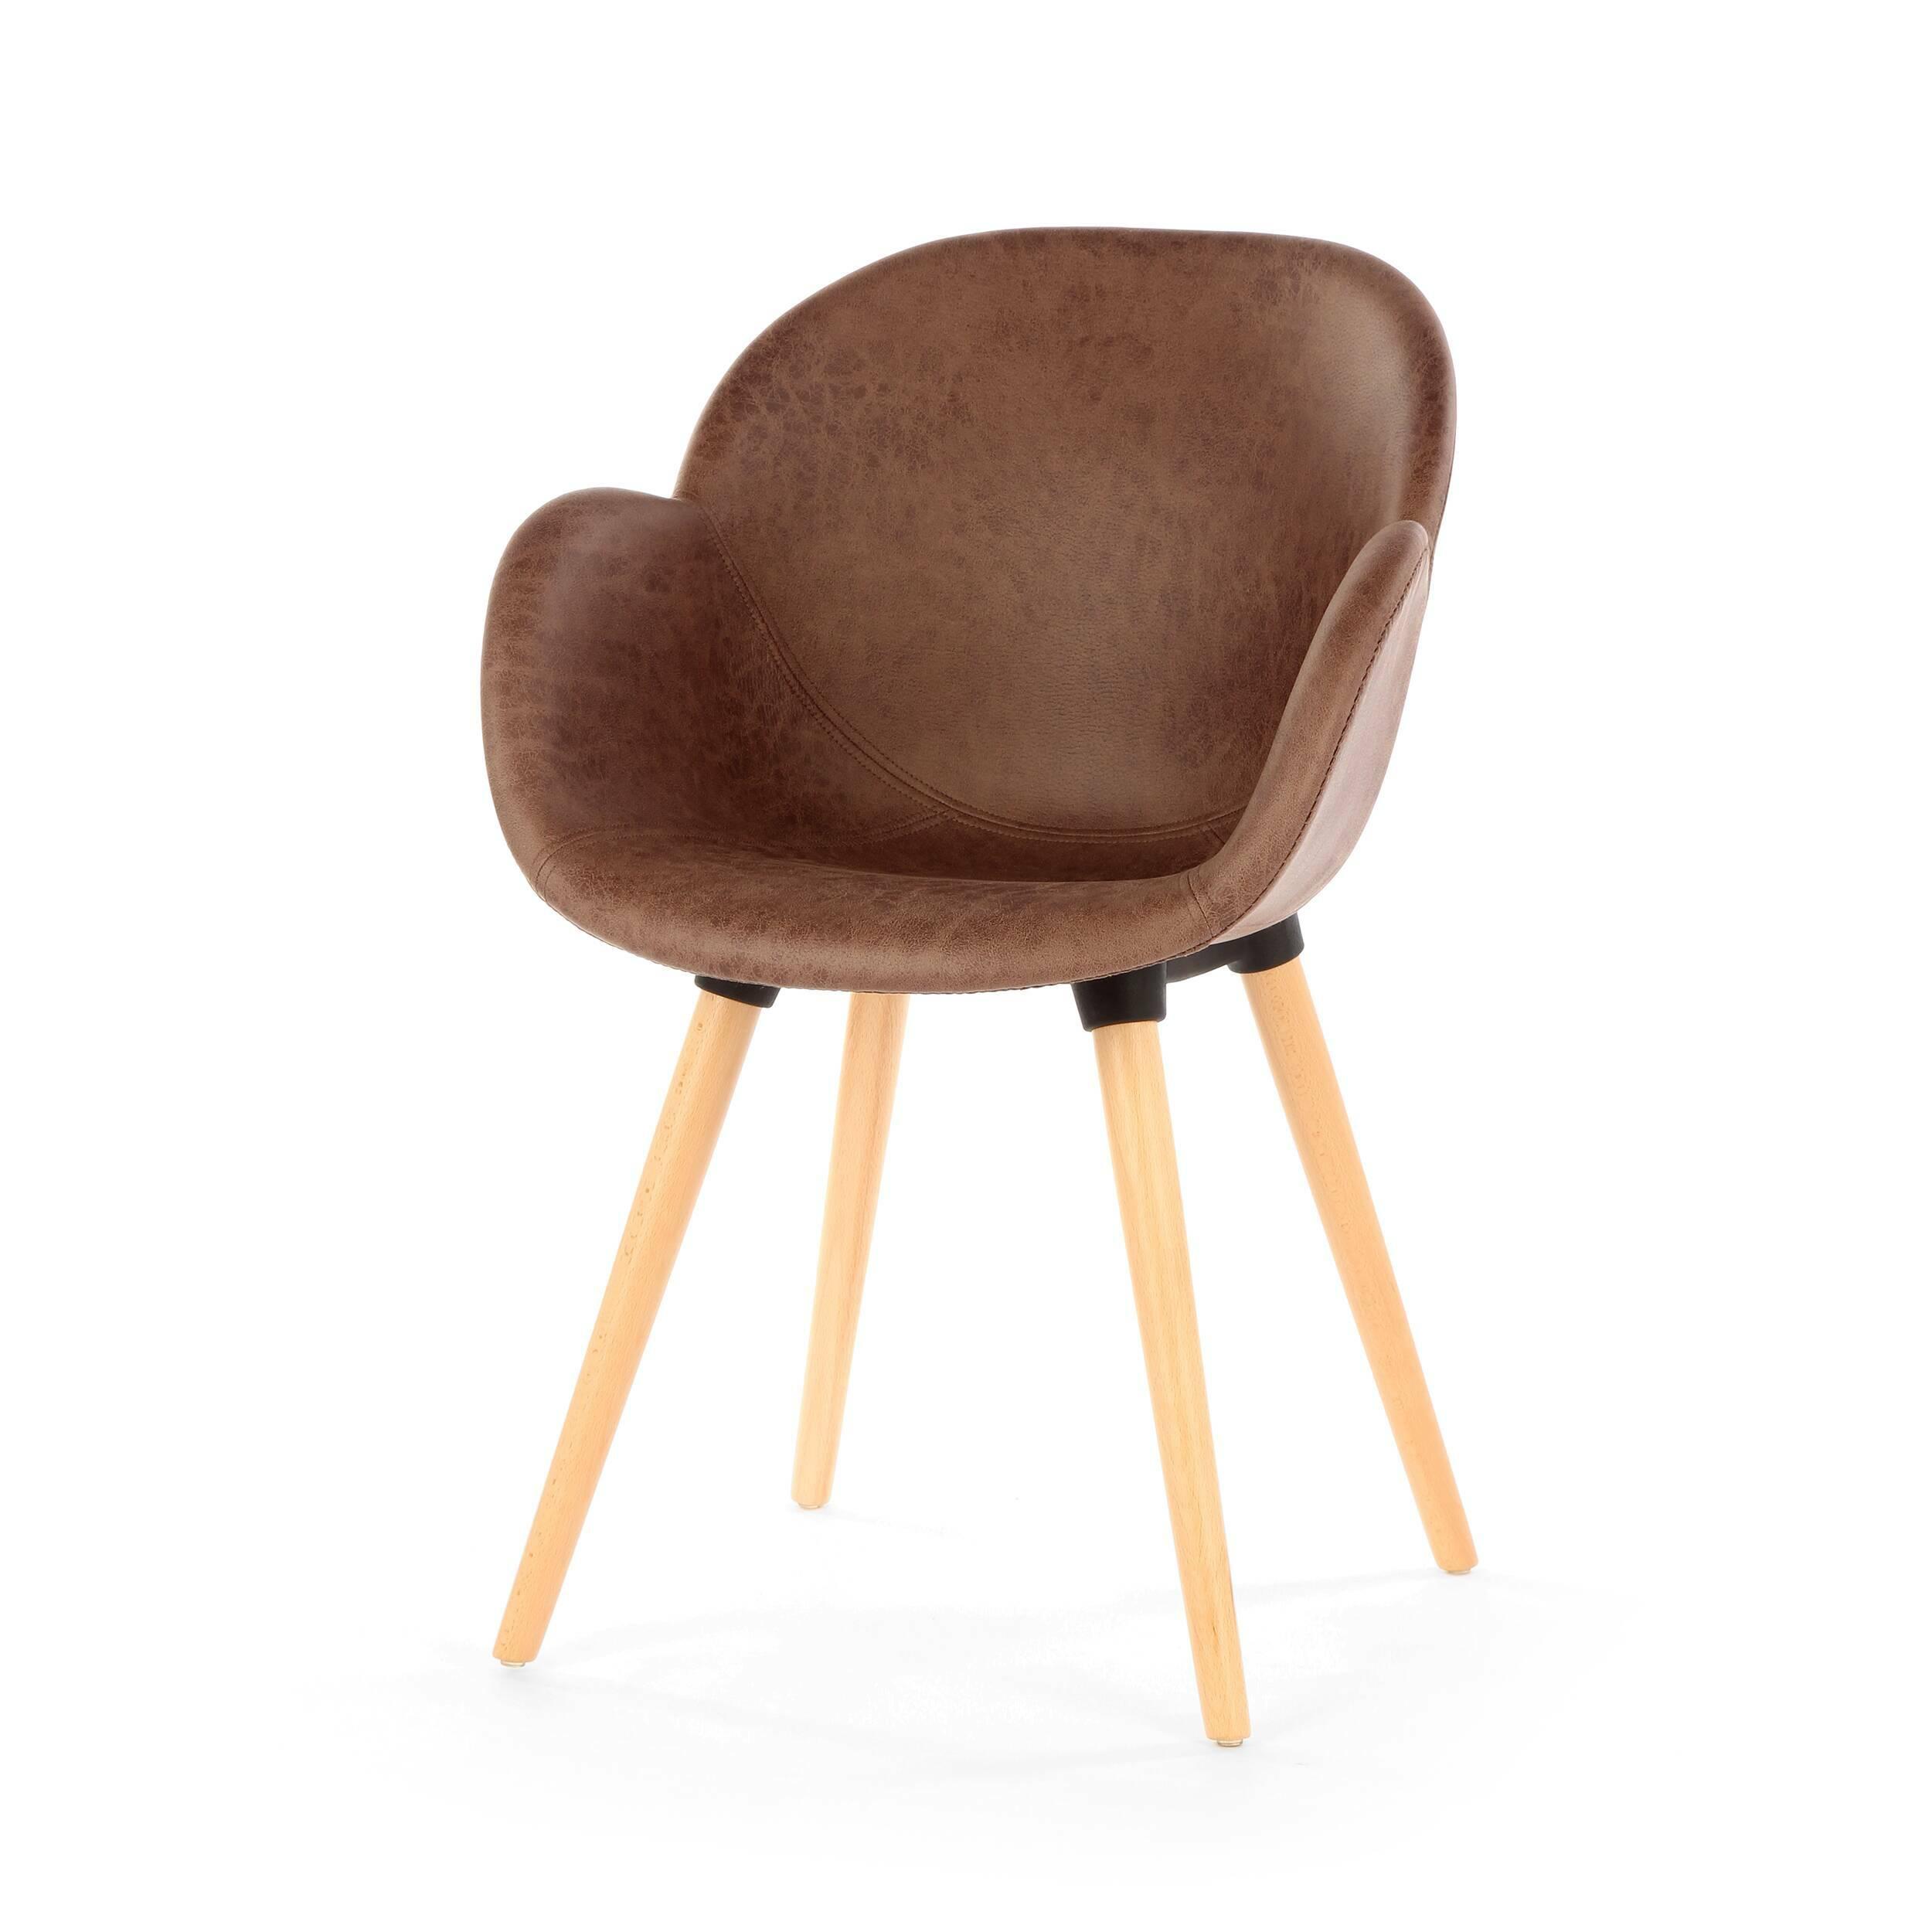 Стул PatchworkИнтерьерные<br>Дизайнерский интерьерный минималистичный стул Patchwork (Пэчворк) на длинных деревянных ножках от Cosmo (Космо).<br><br>Как же иначе можно было назвать данную модель стула? Patcwork — название, которое говорит само за себя. Совершенно прелестный стул Patchwork — отличное дополнение к любому современному интерьеру. Стул можно отнести к скандинавскому стилю, однако подбирать ему окружение нужно с умом. Соседство с ярким запоминающимся дизайном изделия — непростая задачка, но если грамотно подобра...<br><br>stock: 23<br>Высота: 84.5<br>Высота спинки: 45<br>Ширина: 59.5<br>Глубина: 59<br>Цвет ножек: Светло-коричневый<br>Материал ножек: Массив бука<br>Цвет сидения: Коричневый<br>Тип материала сидения: Ткань<br>Тип материала ножек: Дерево